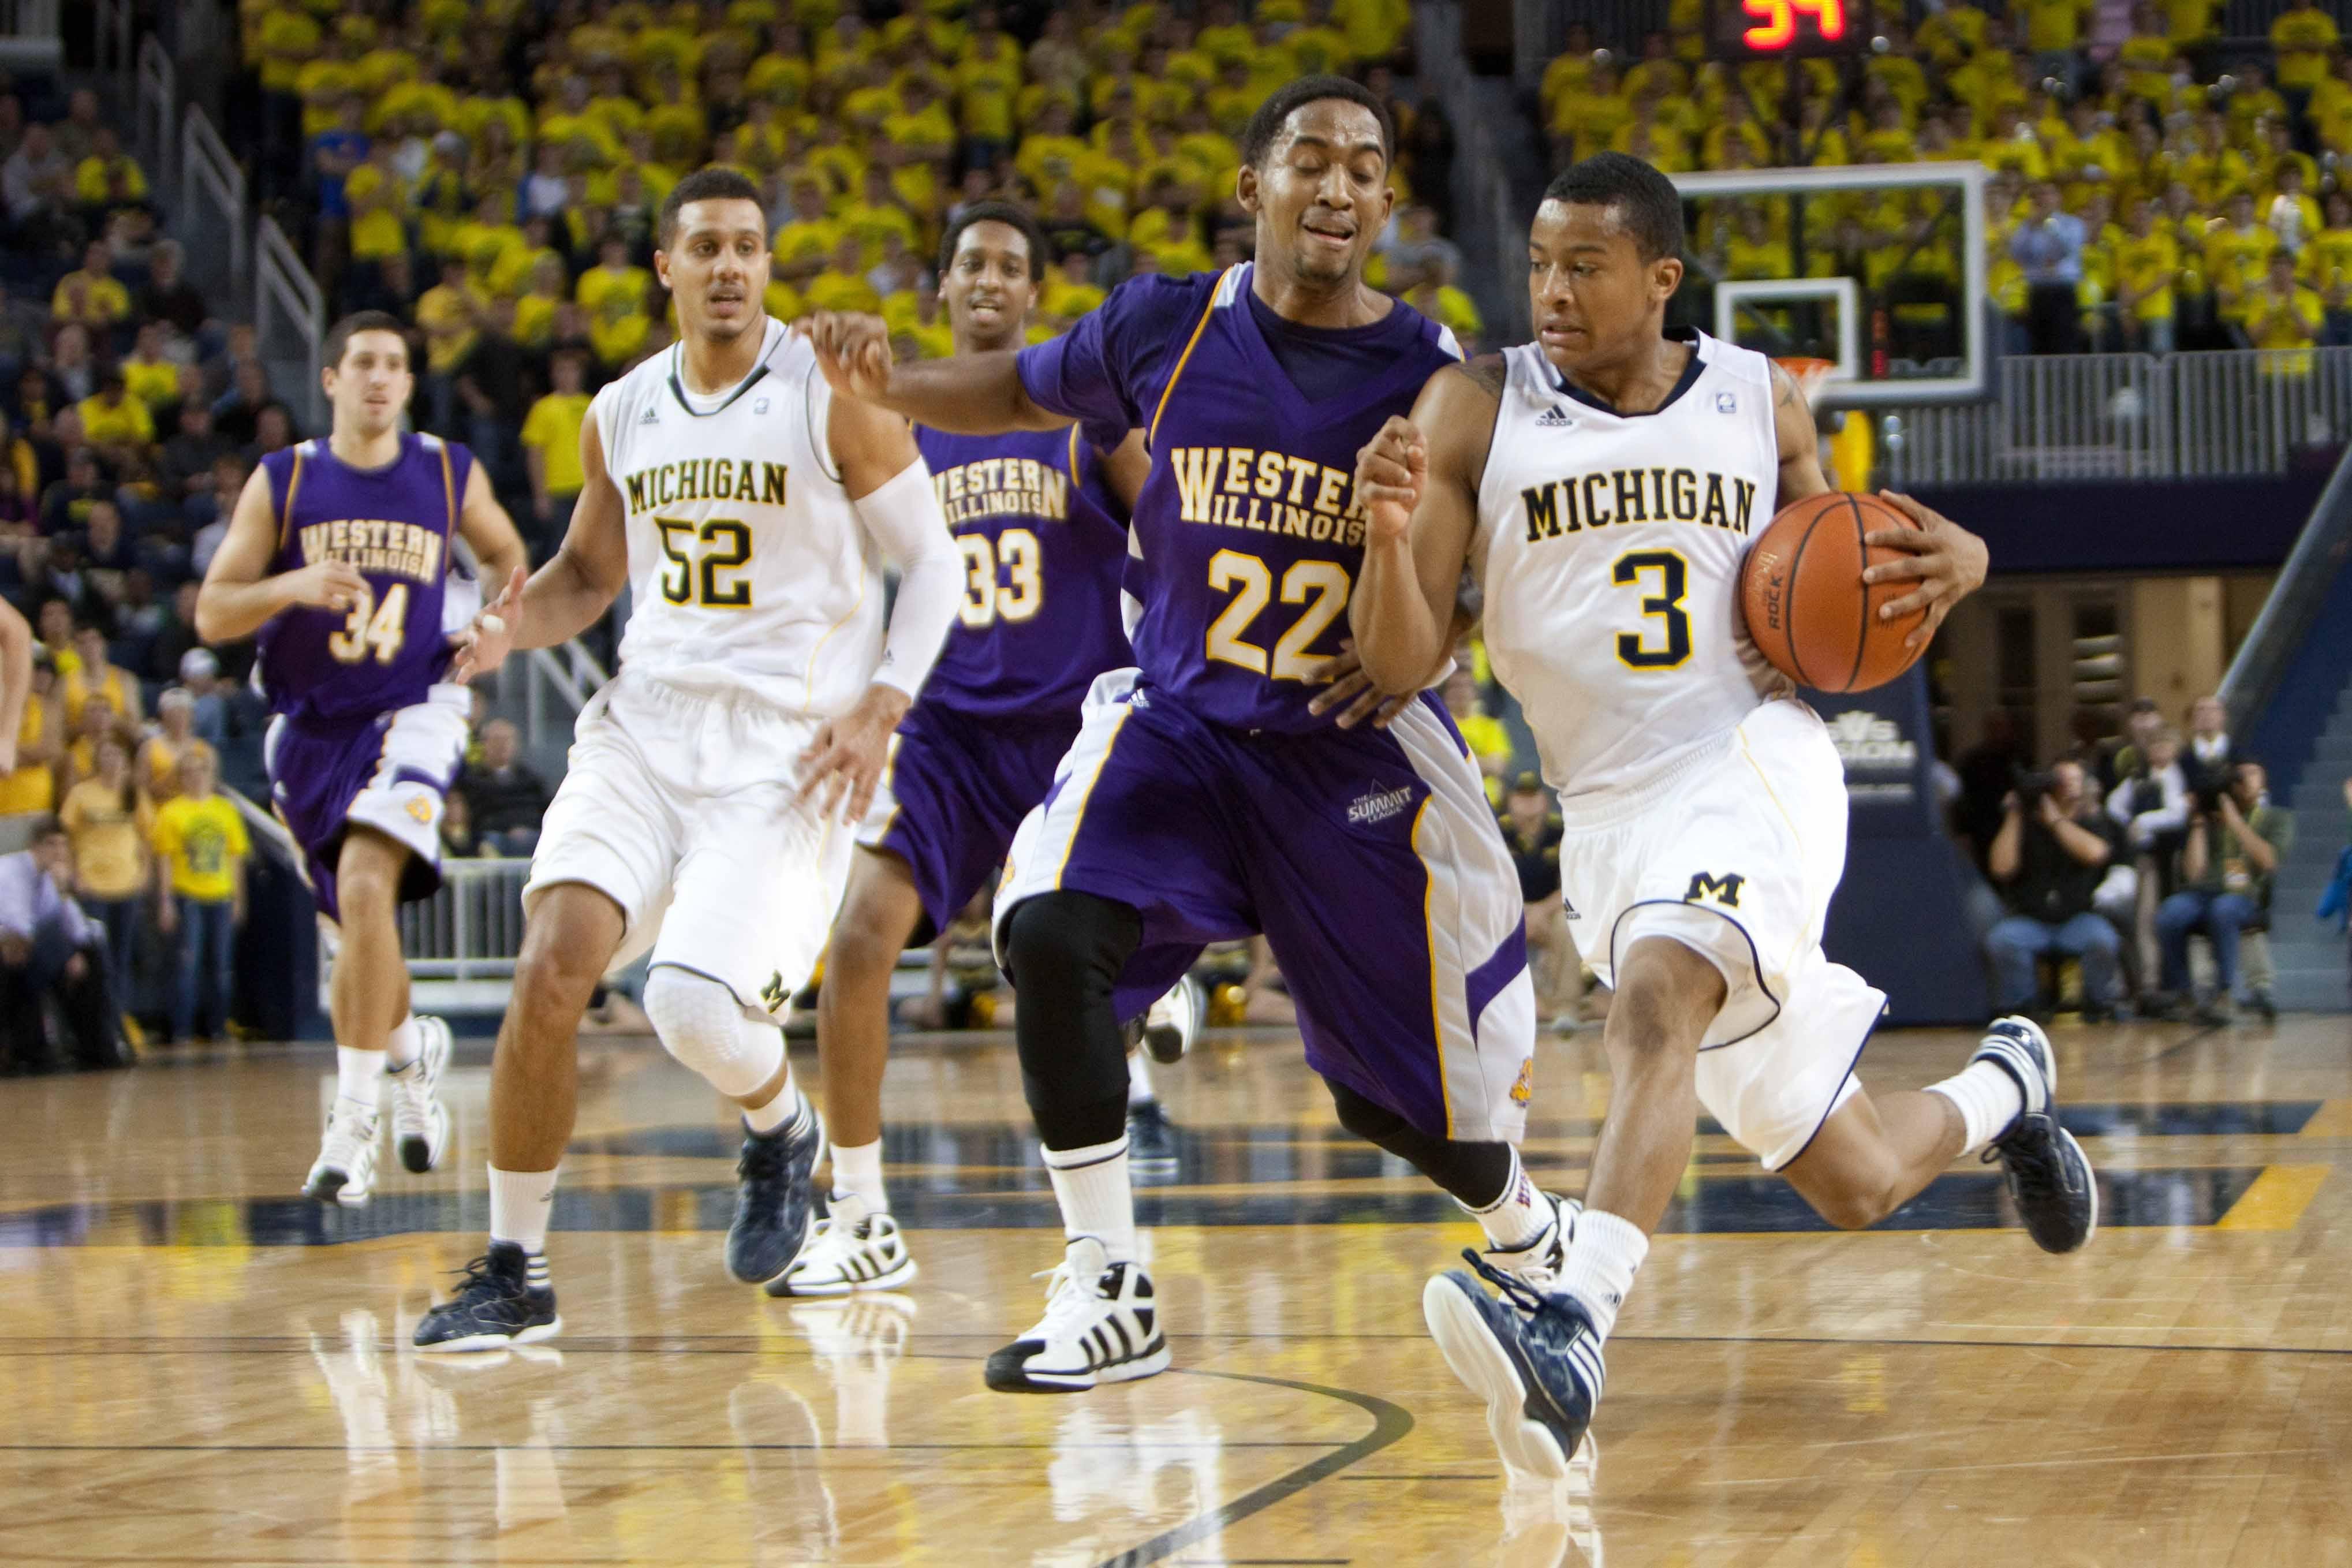 Michigan vs. Western Illinois 23